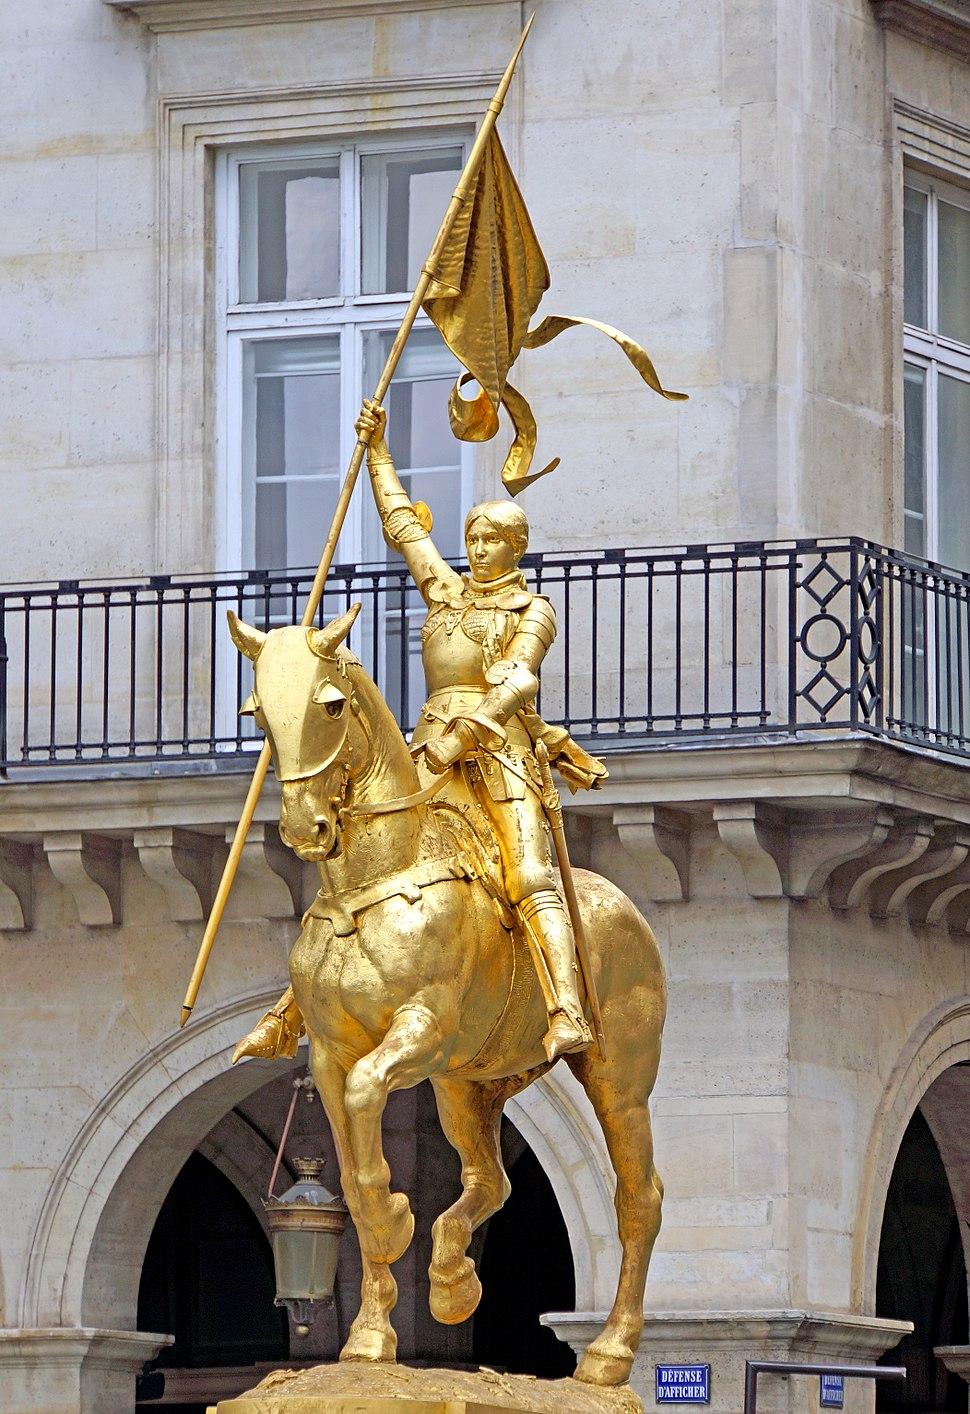 Statue of Jeanne d'Arc in Paris, Place des Pyramides - France - 4 July 2014